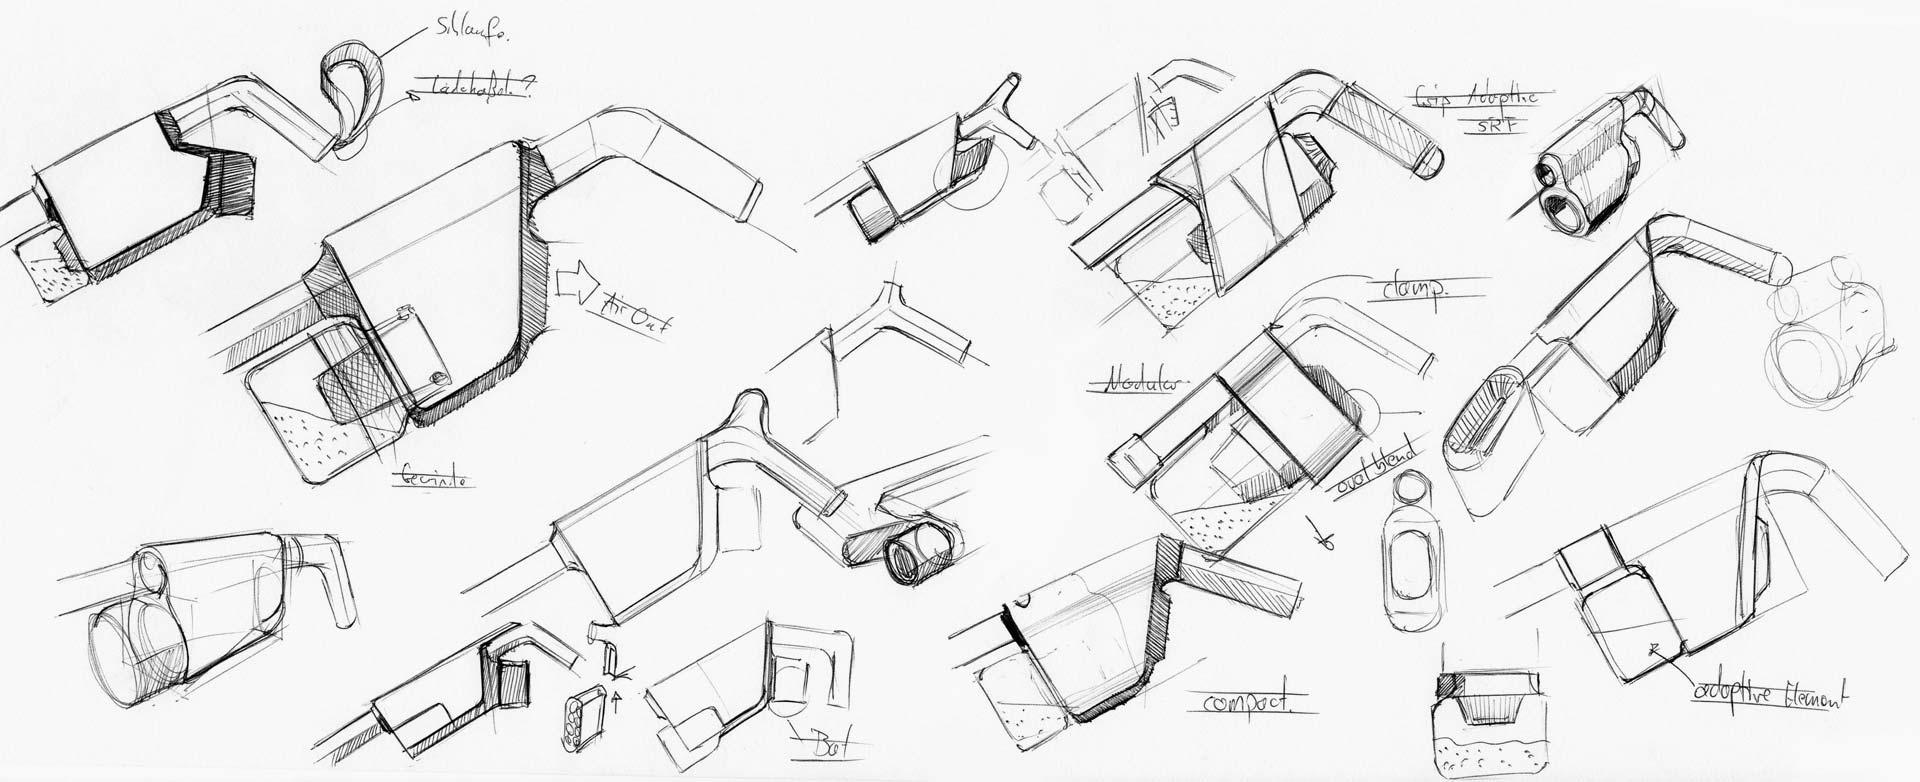 Staubsauger Designskizzen